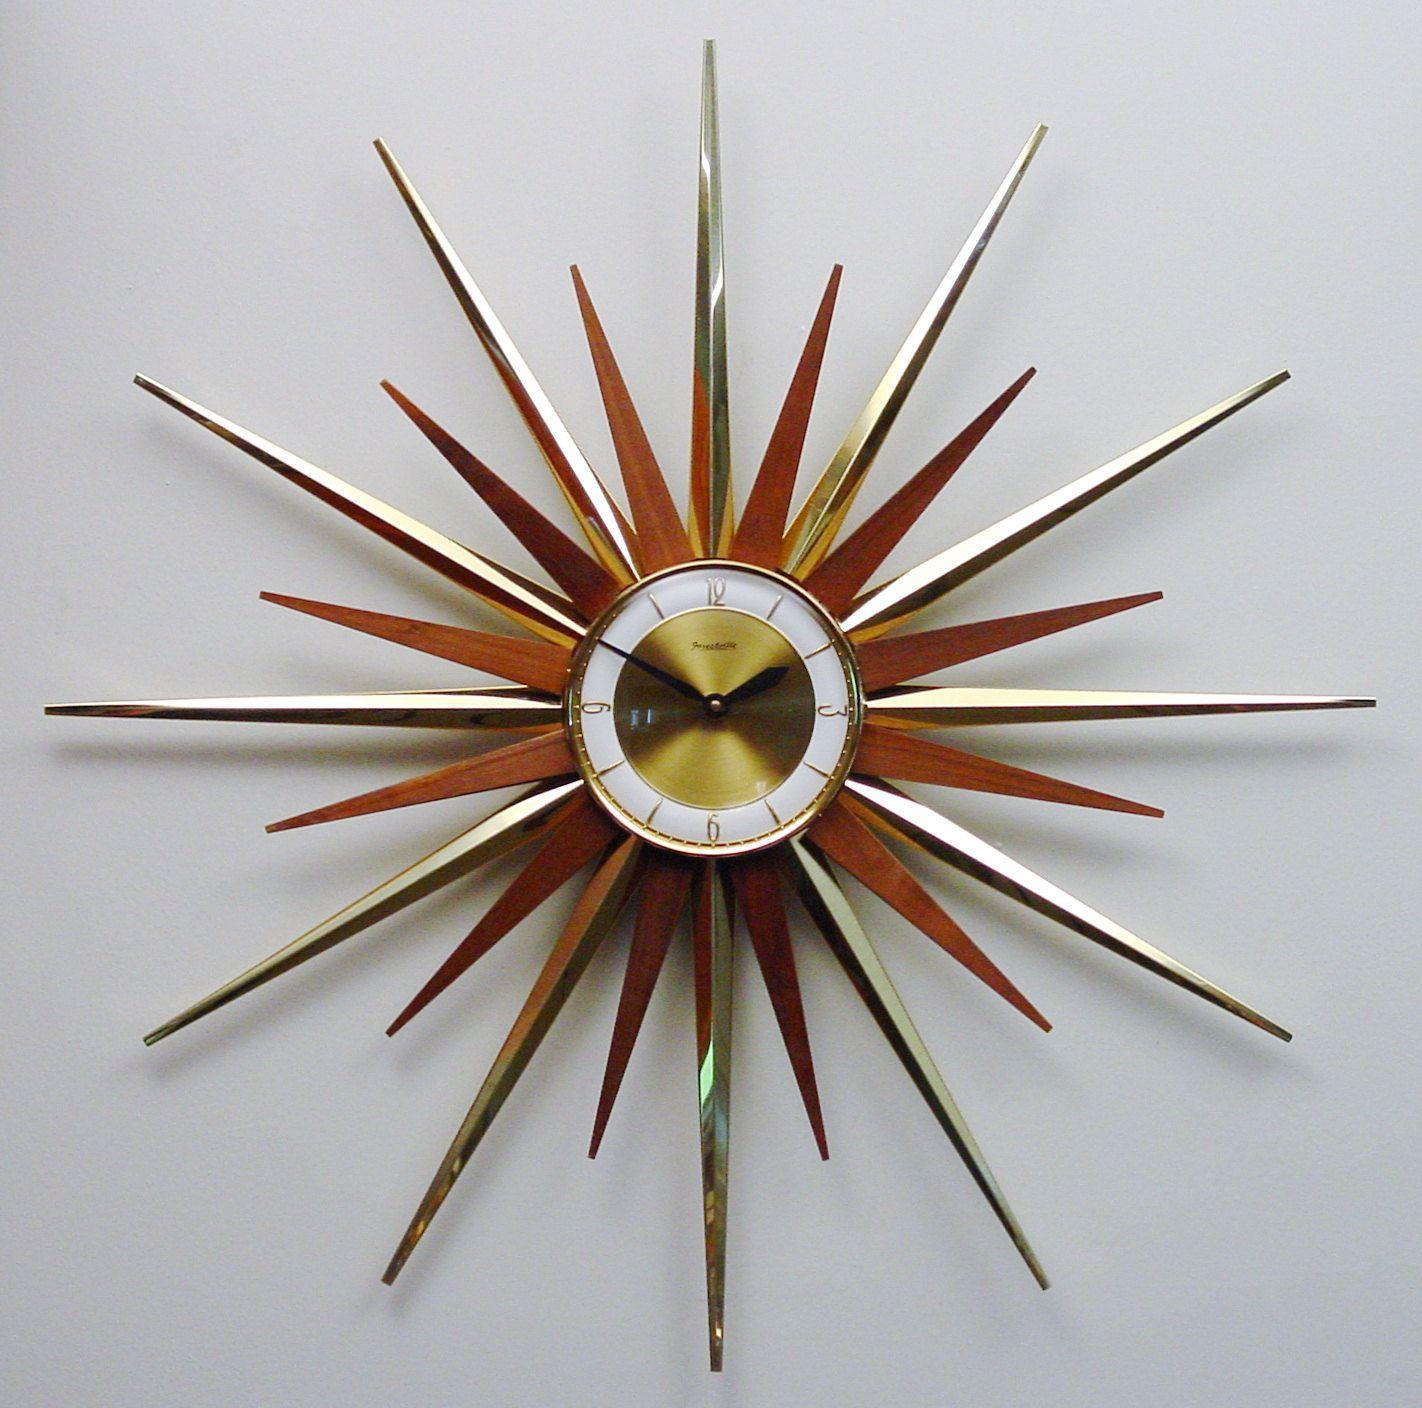 Mid Century Modern Starburst Wall Clock By Forestville, Atomic Fireworks  Starburst Modern 1960s Hanging Clock